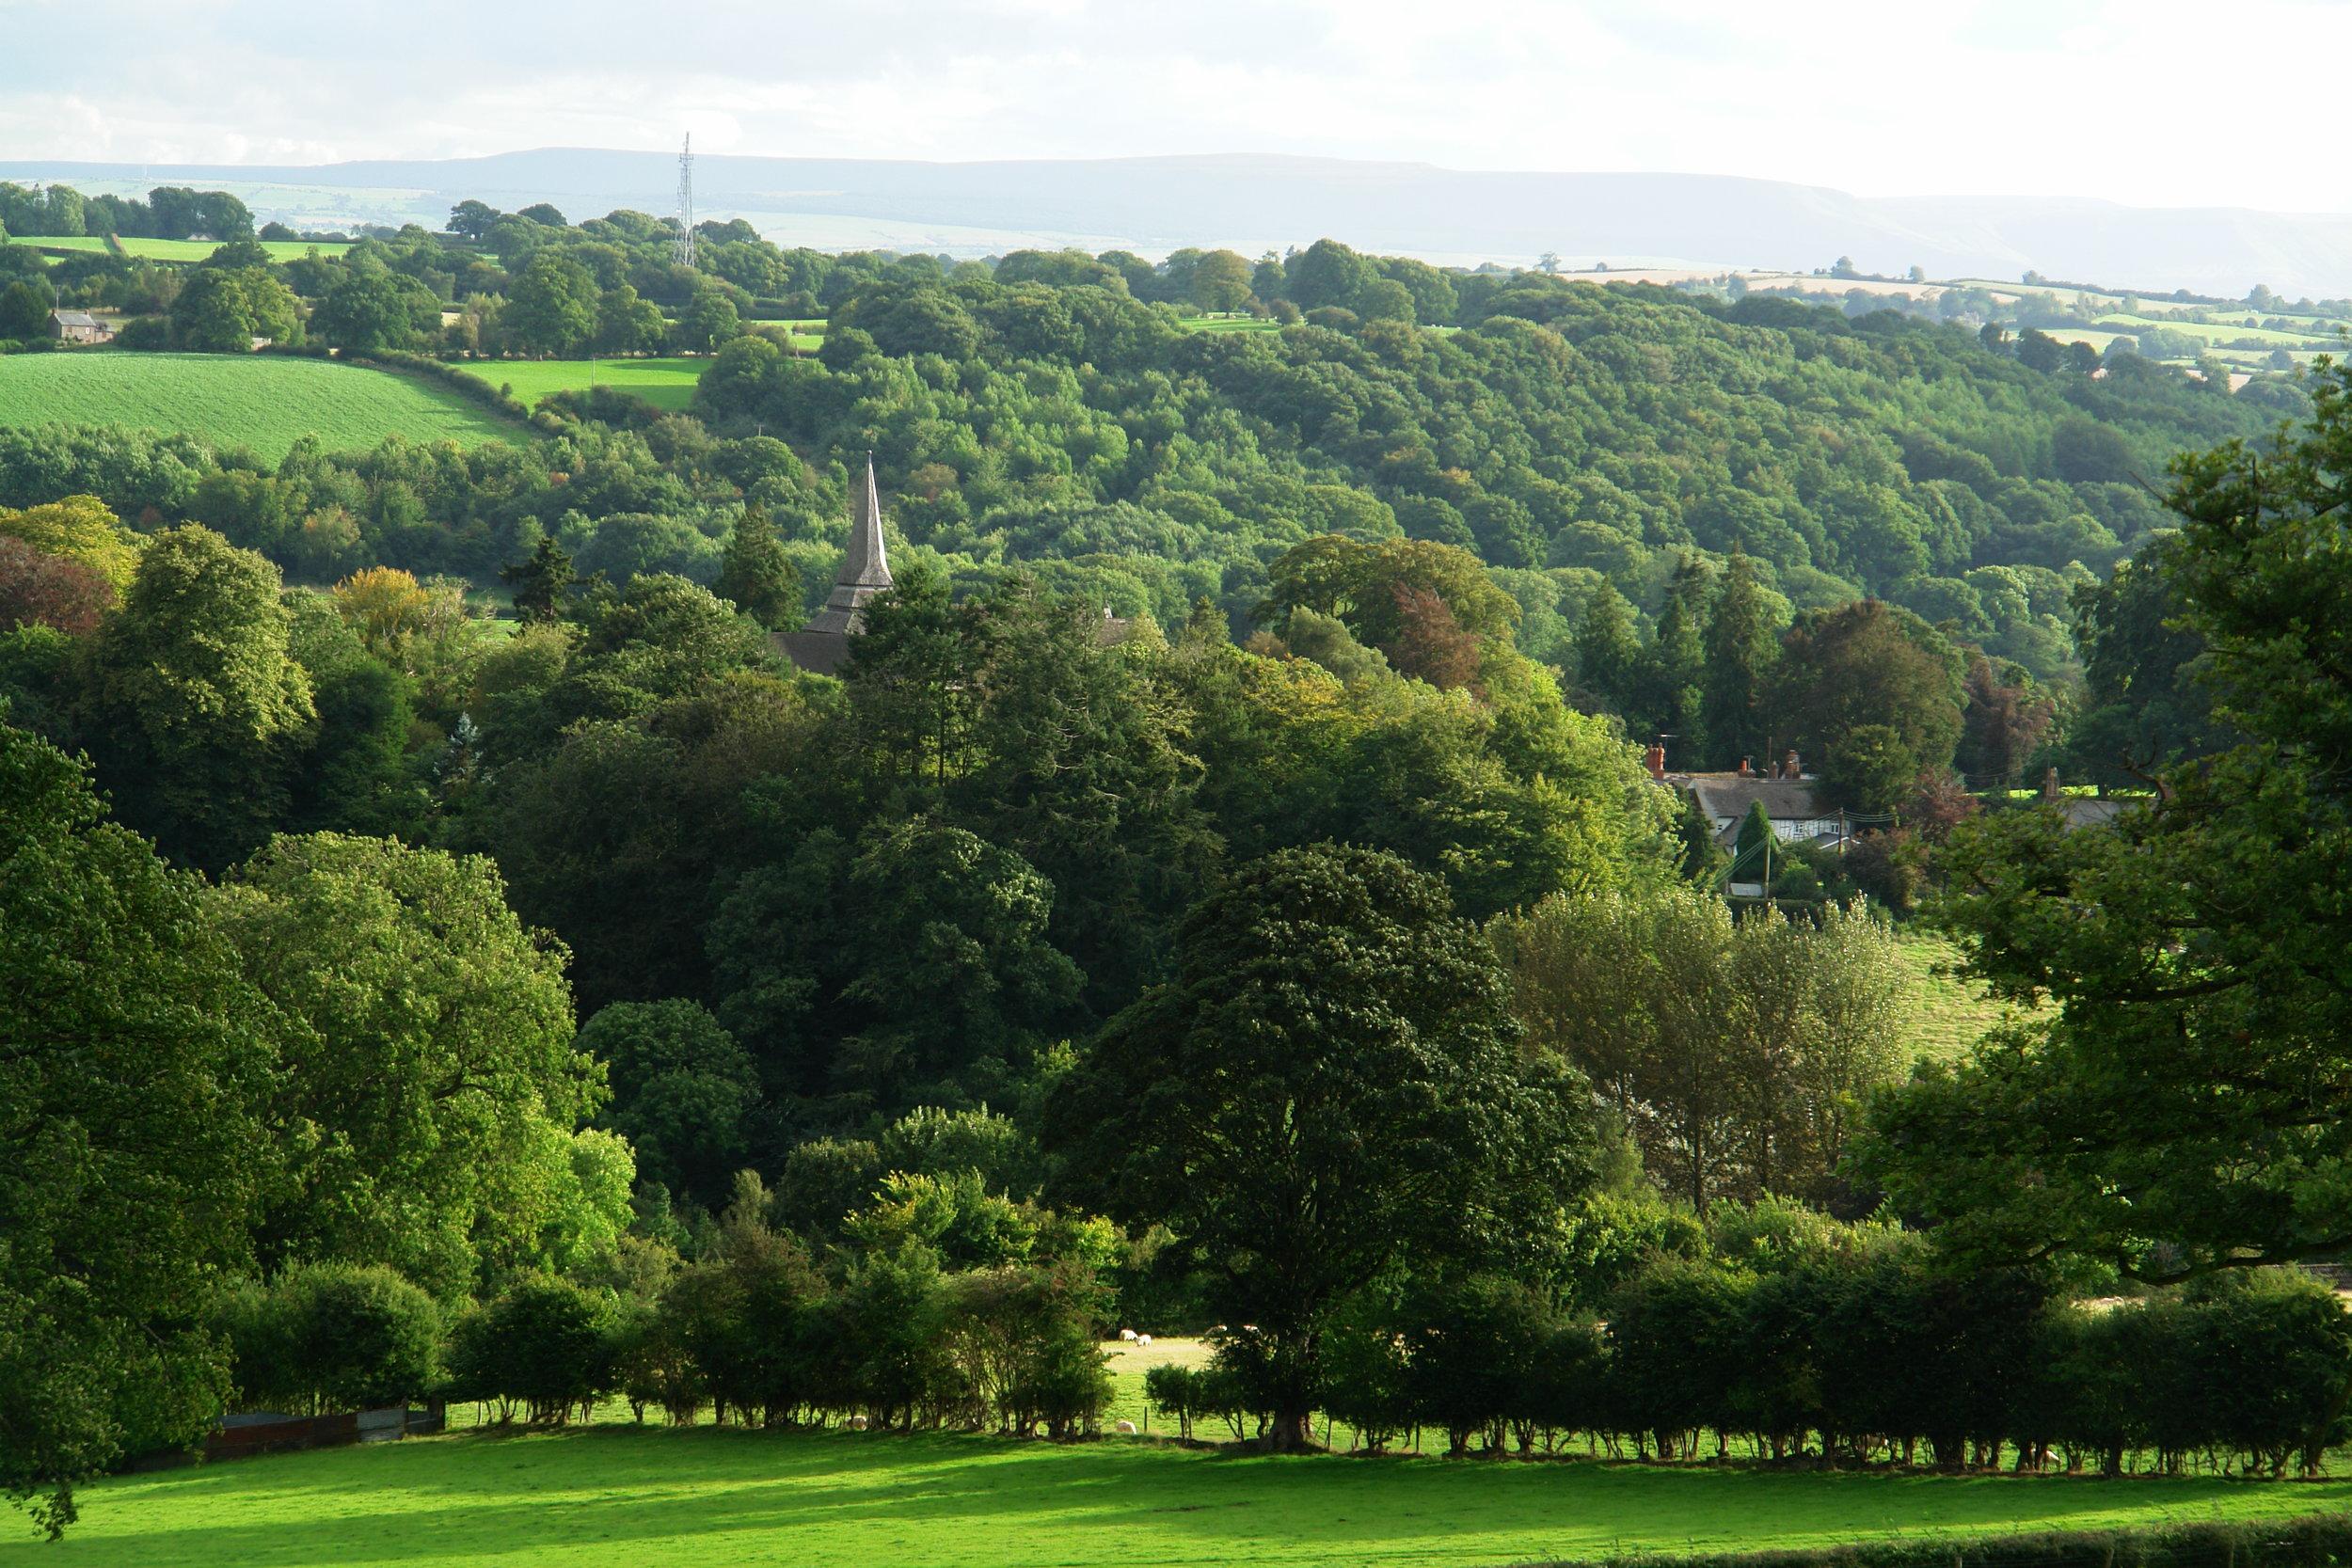 Kington St Mary's Bradnor Views 16-9-16 014.JPG